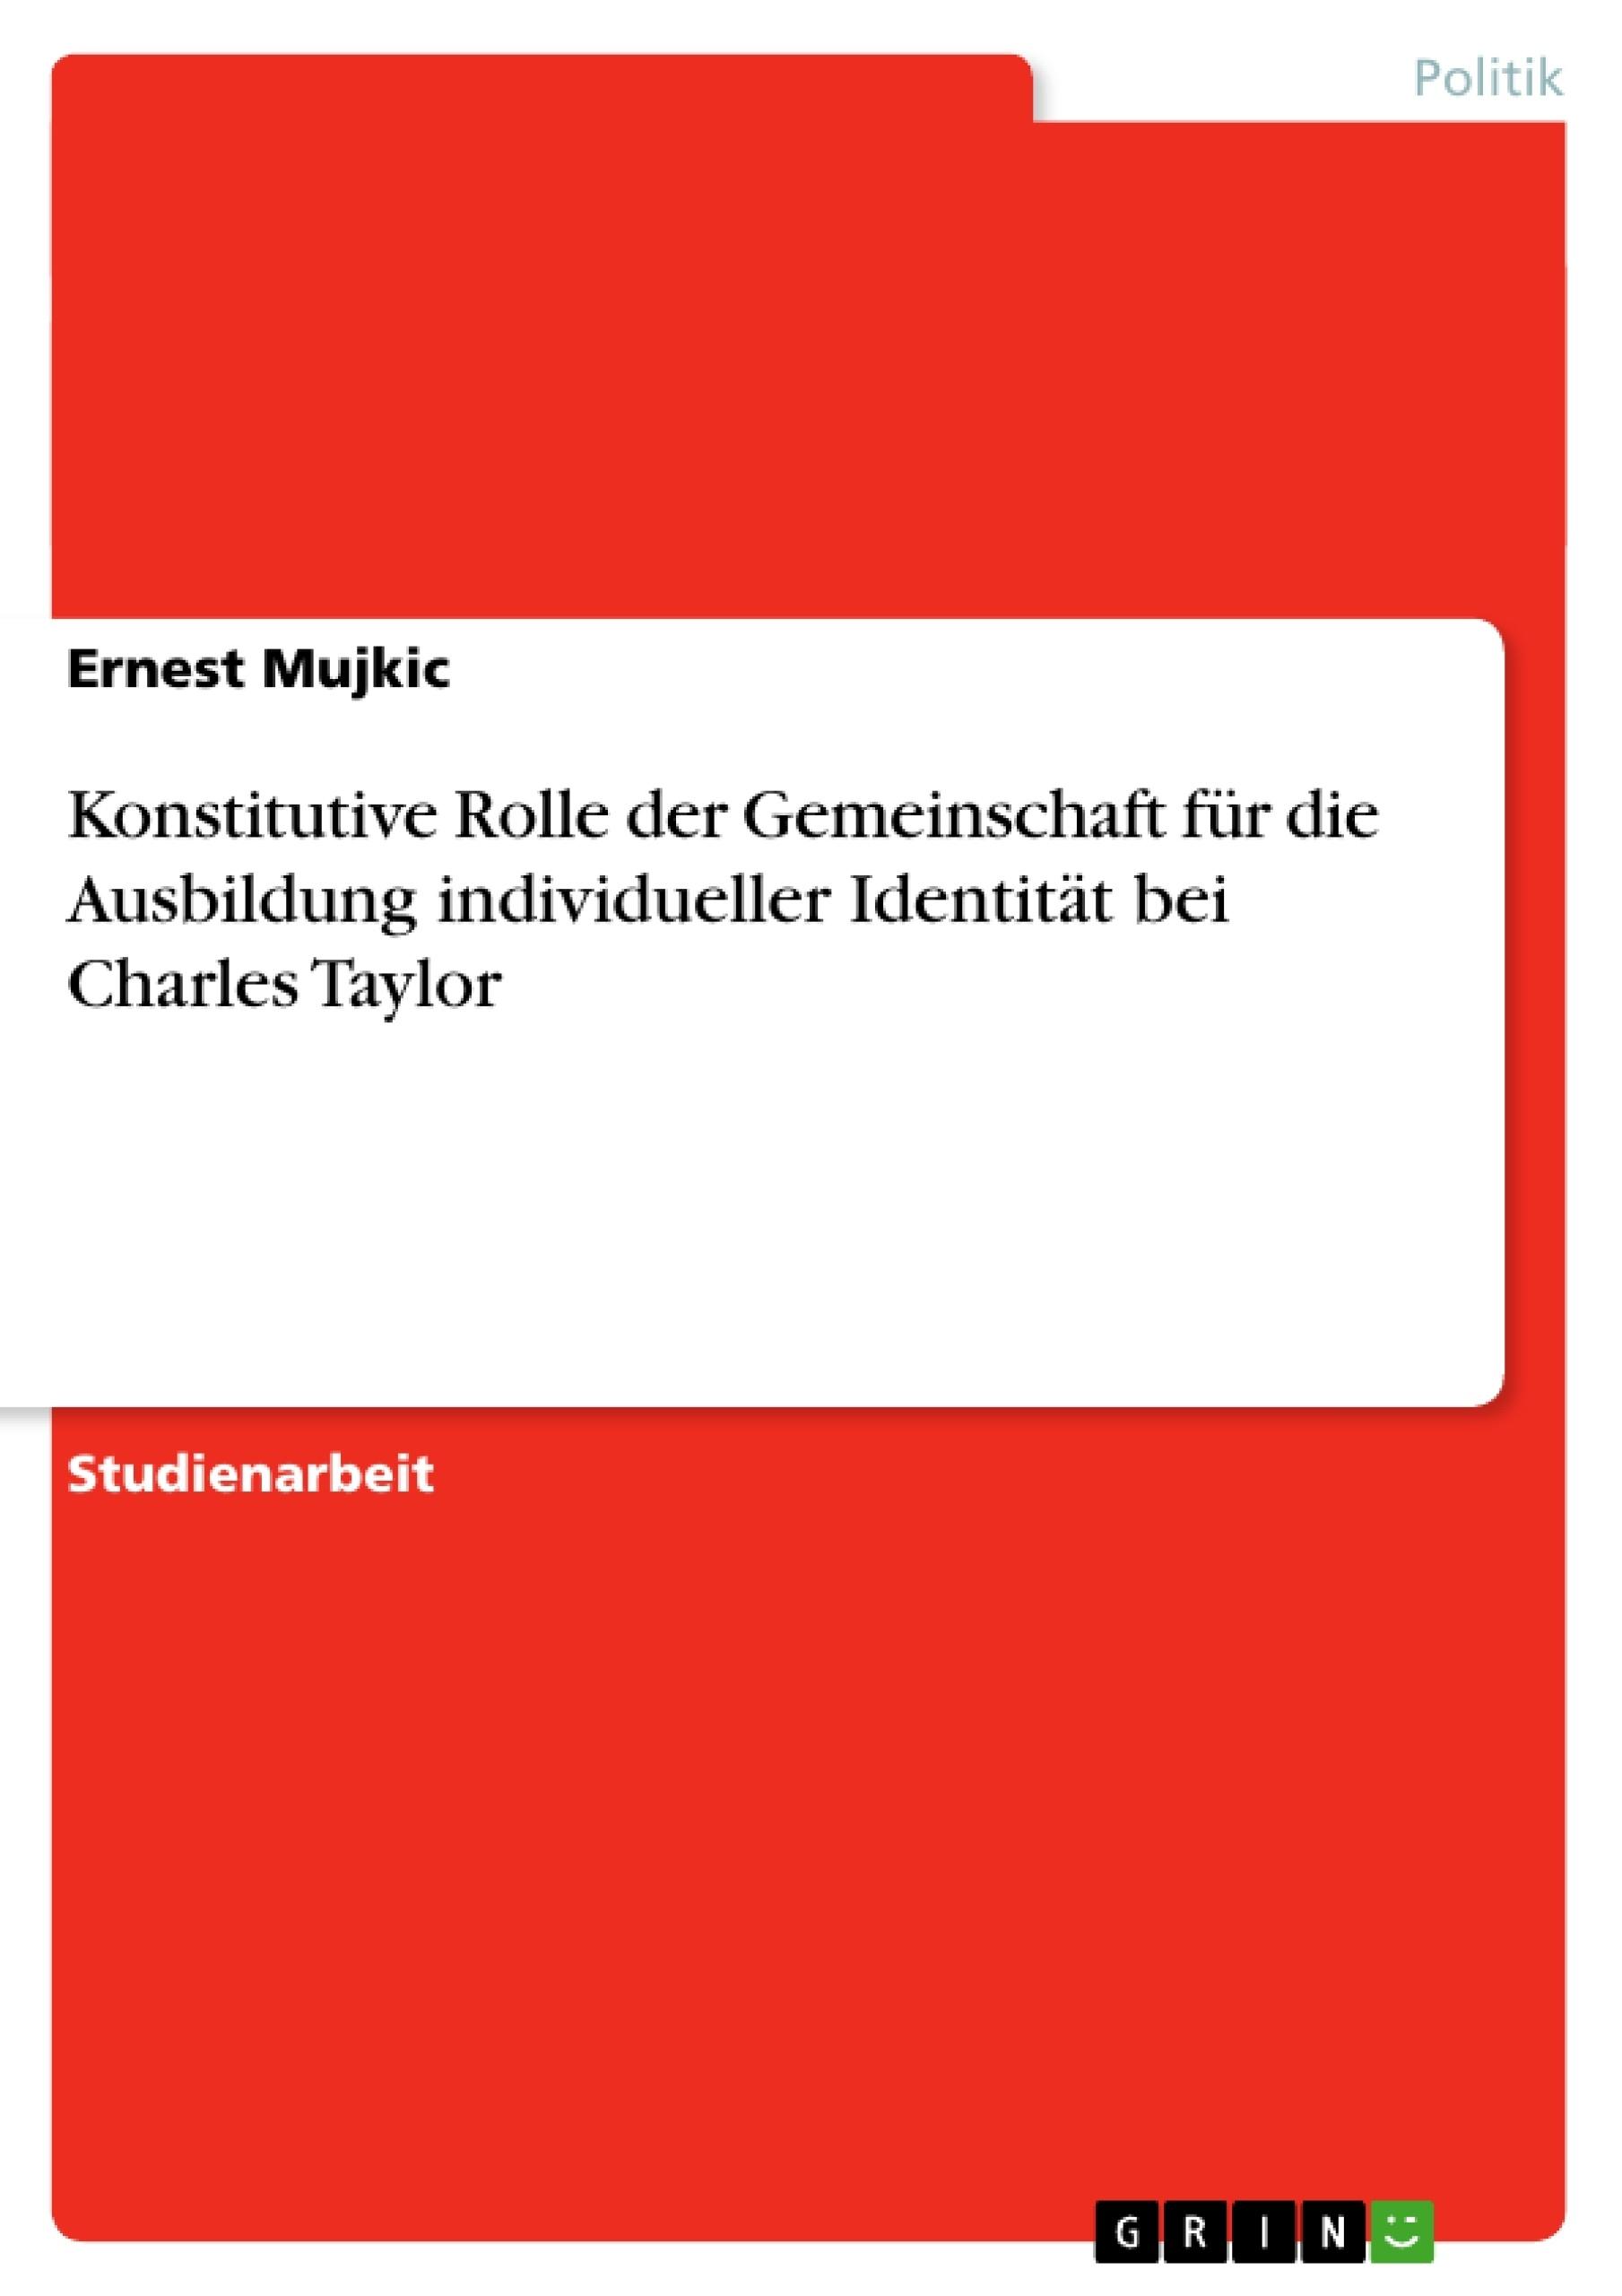 Titel: Konstitutive Rolle der Gemeinschaft für die Ausbildung individueller Identität  bei Charles Taylor